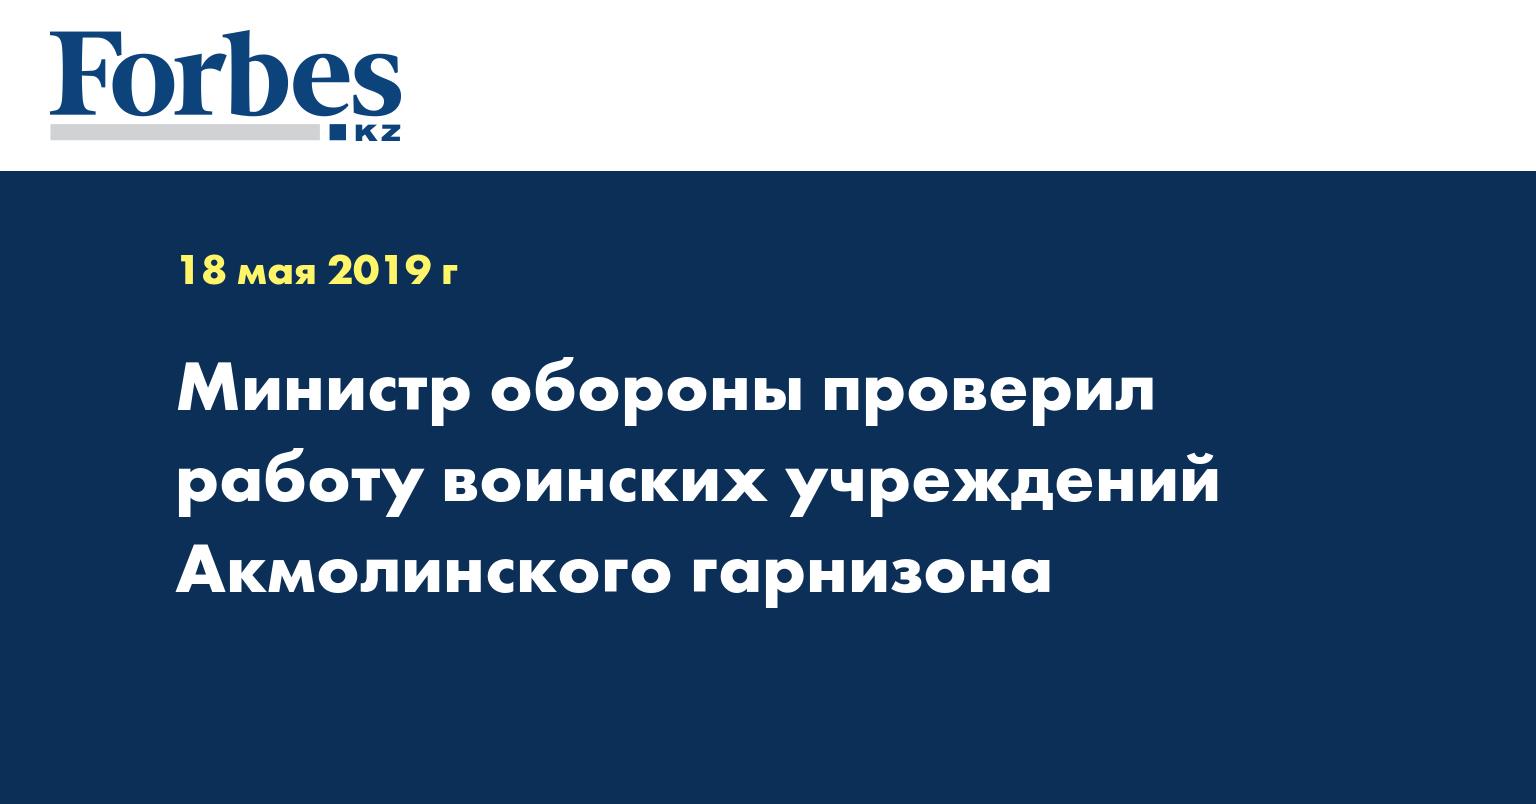 Министр обороны проверил работу воинских учреждений Акмолинского гарнизона